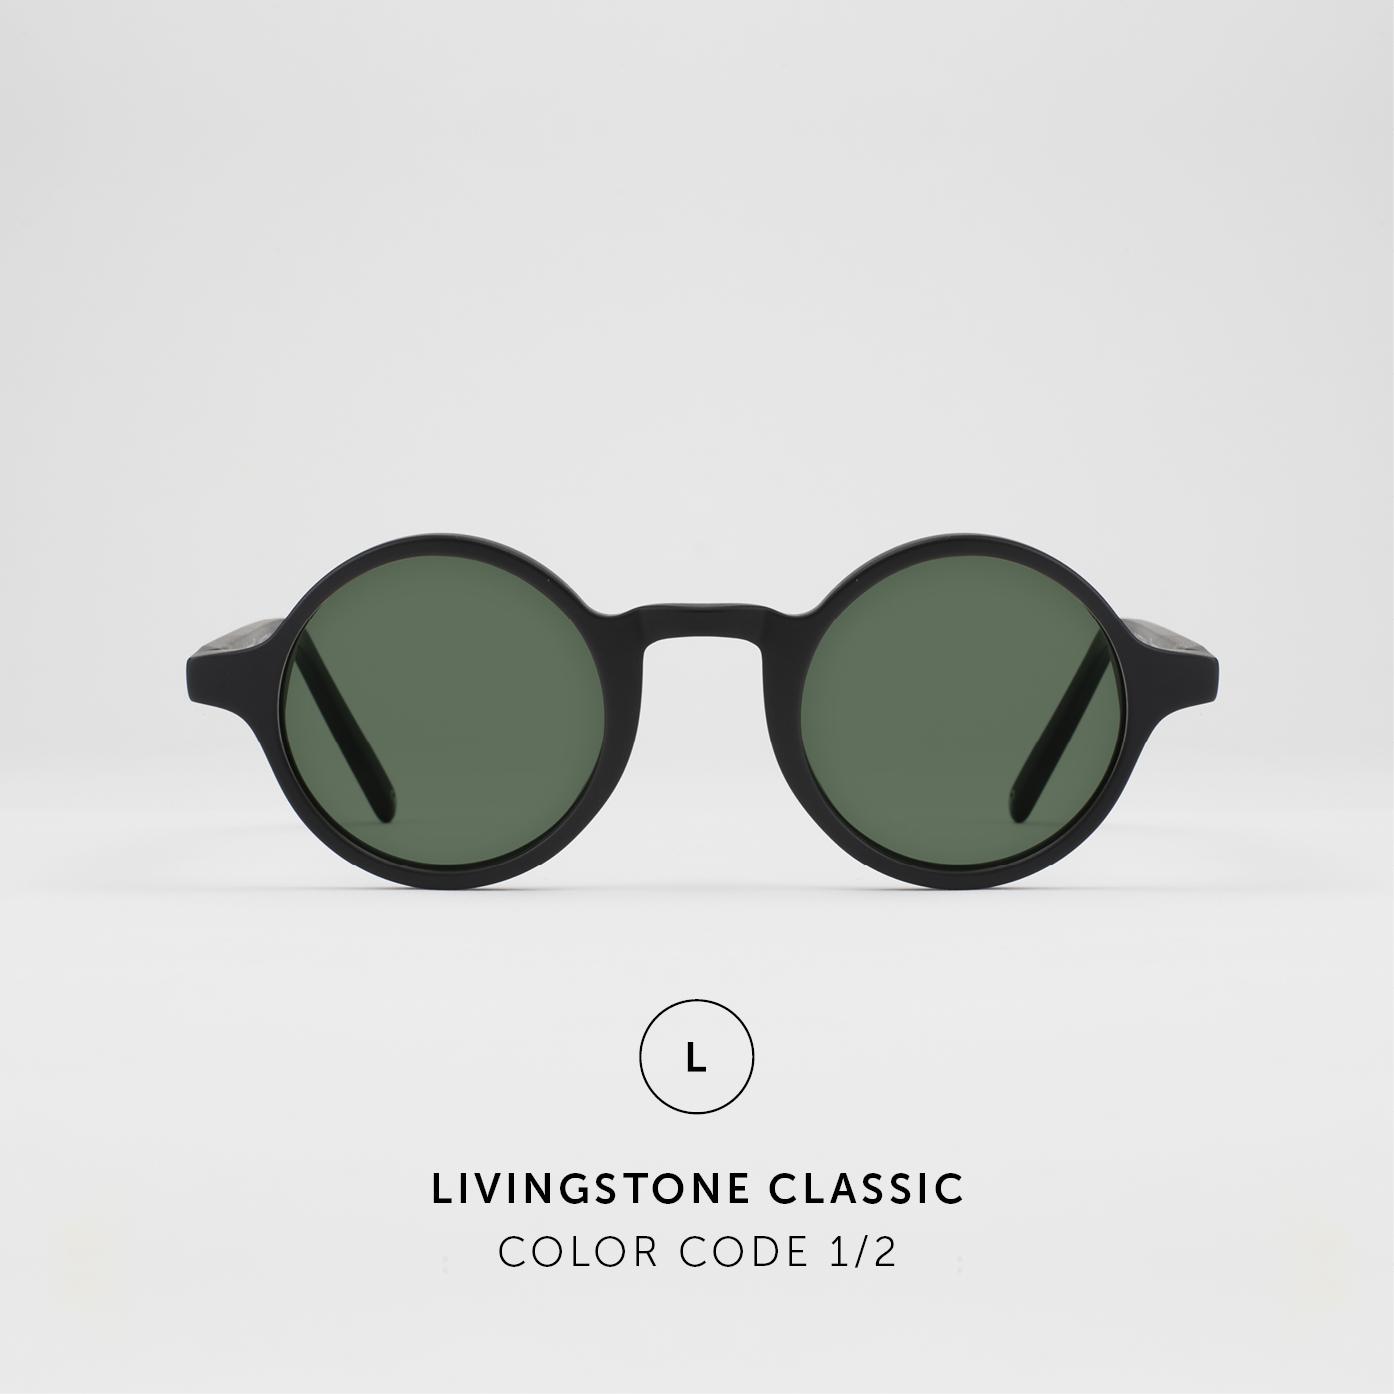 LivingstoneClassic8.jpg